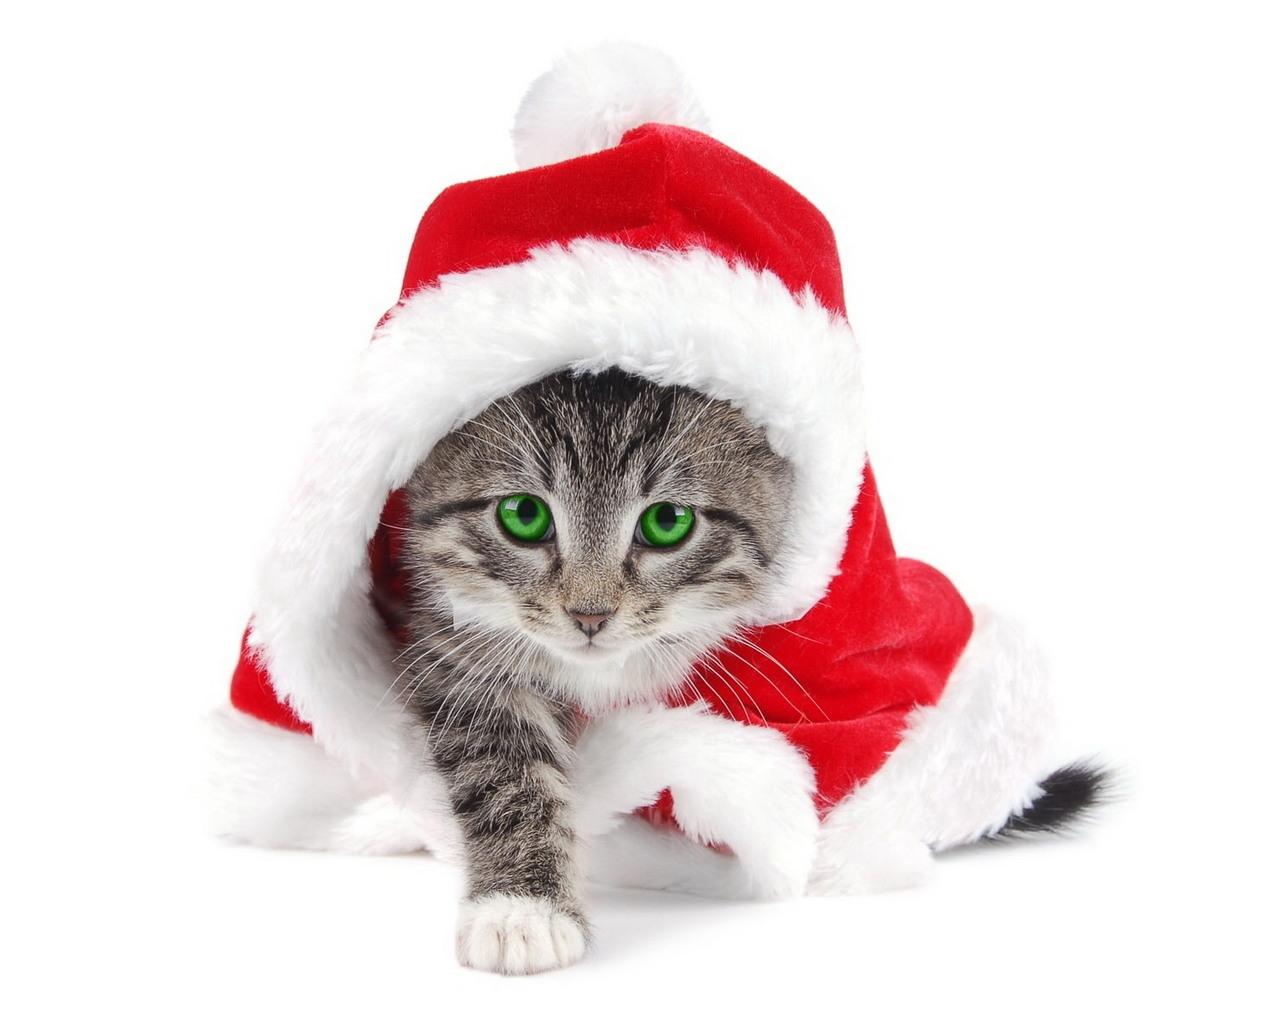 10901 descargar fondo de pantalla Vacaciones, Animales, Gatos, Año Nuevo, Navidad: protectores de pantalla e imágenes gratis